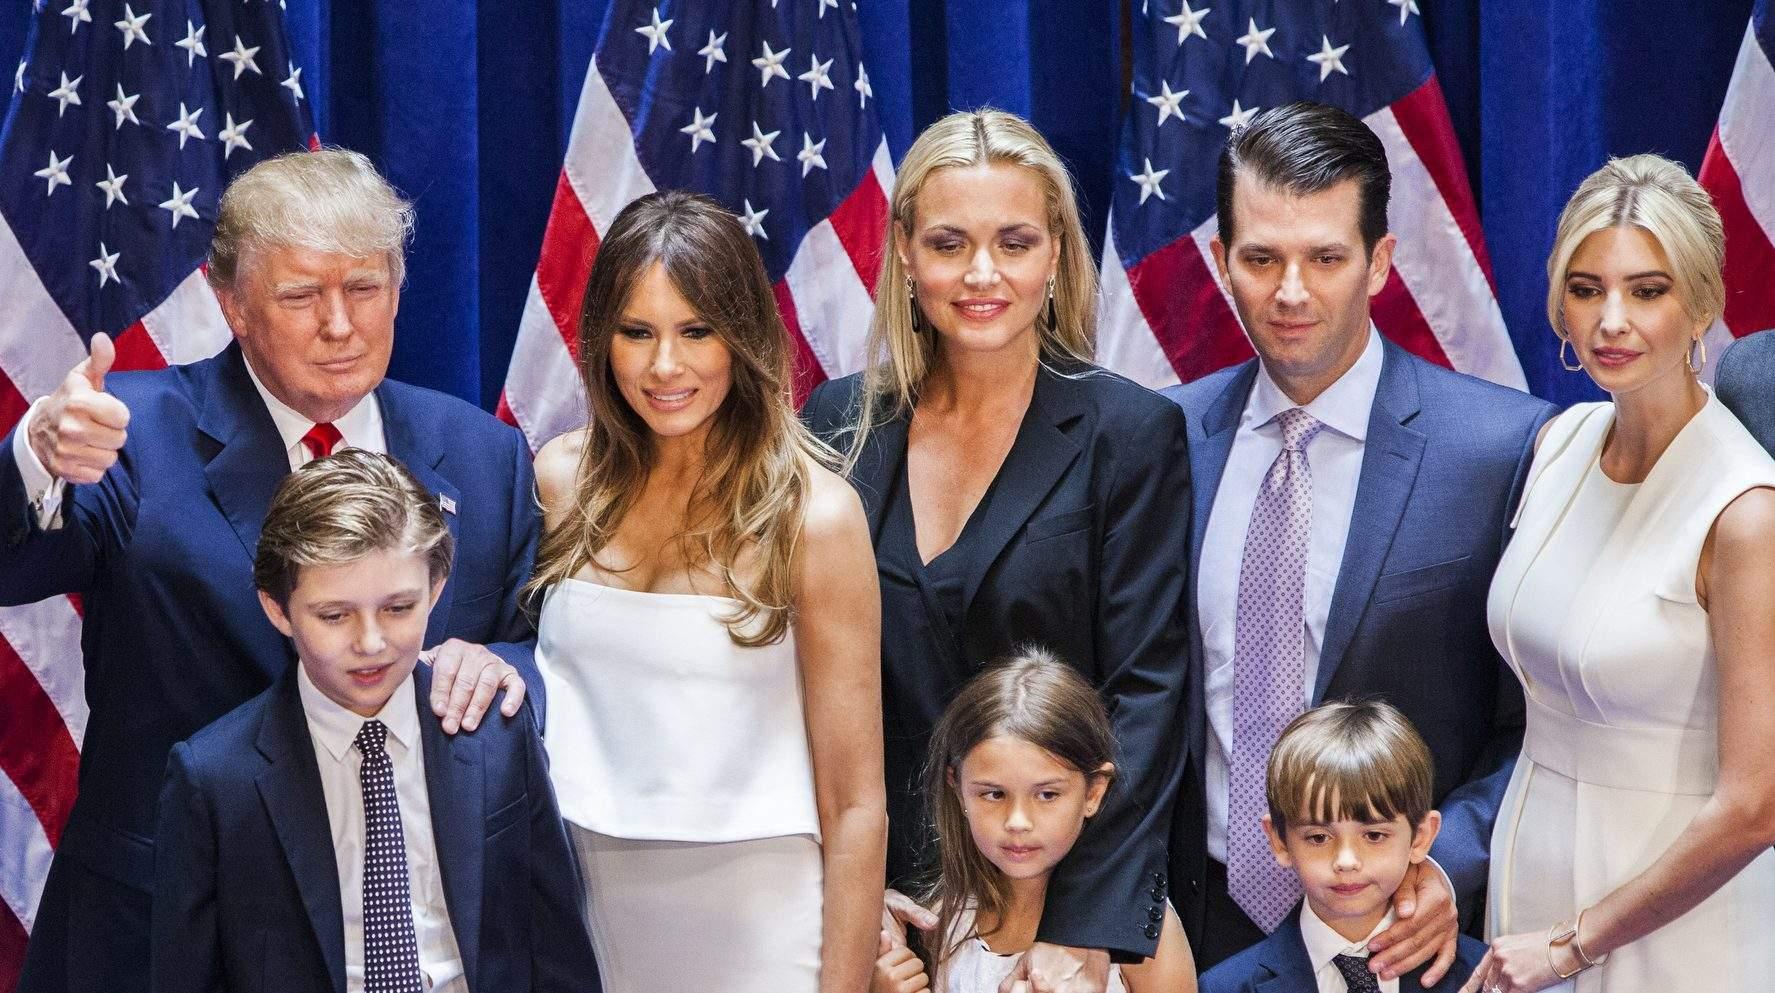 дсп фотографии семьи дональда трампа сначала